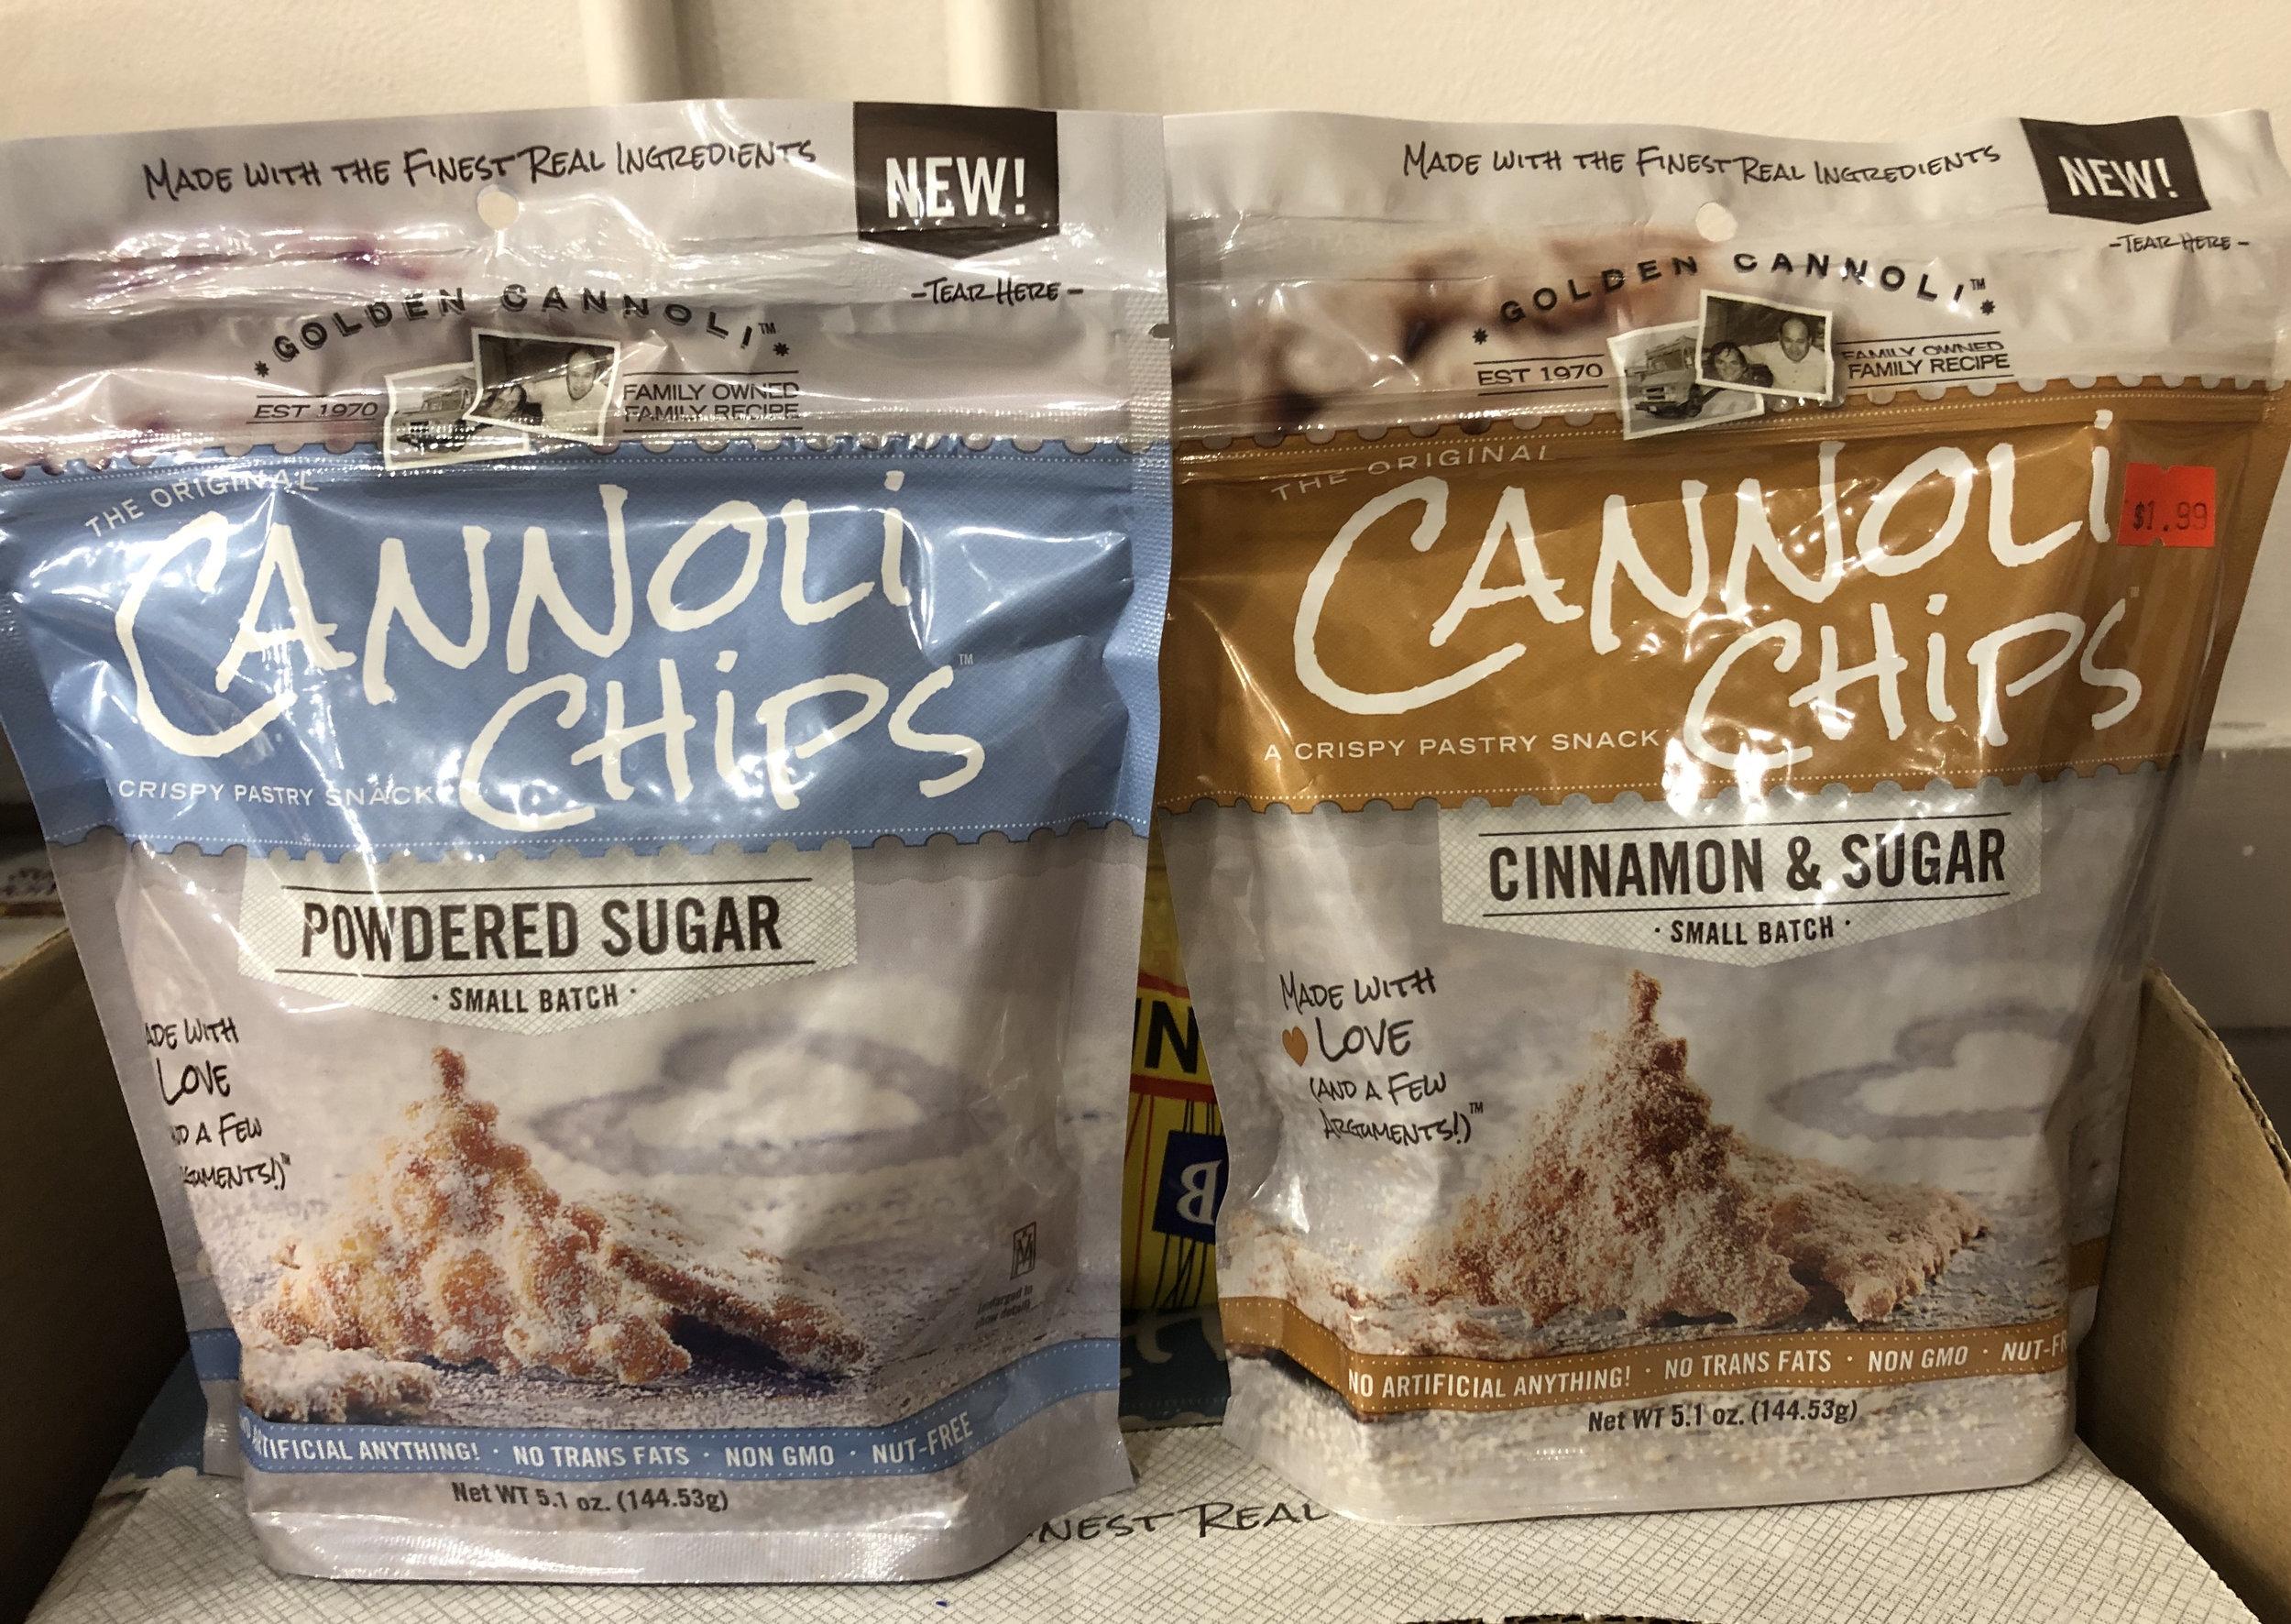 Golden Cannoli Chips - Powdered Sugar; Cinnamon & Sugar